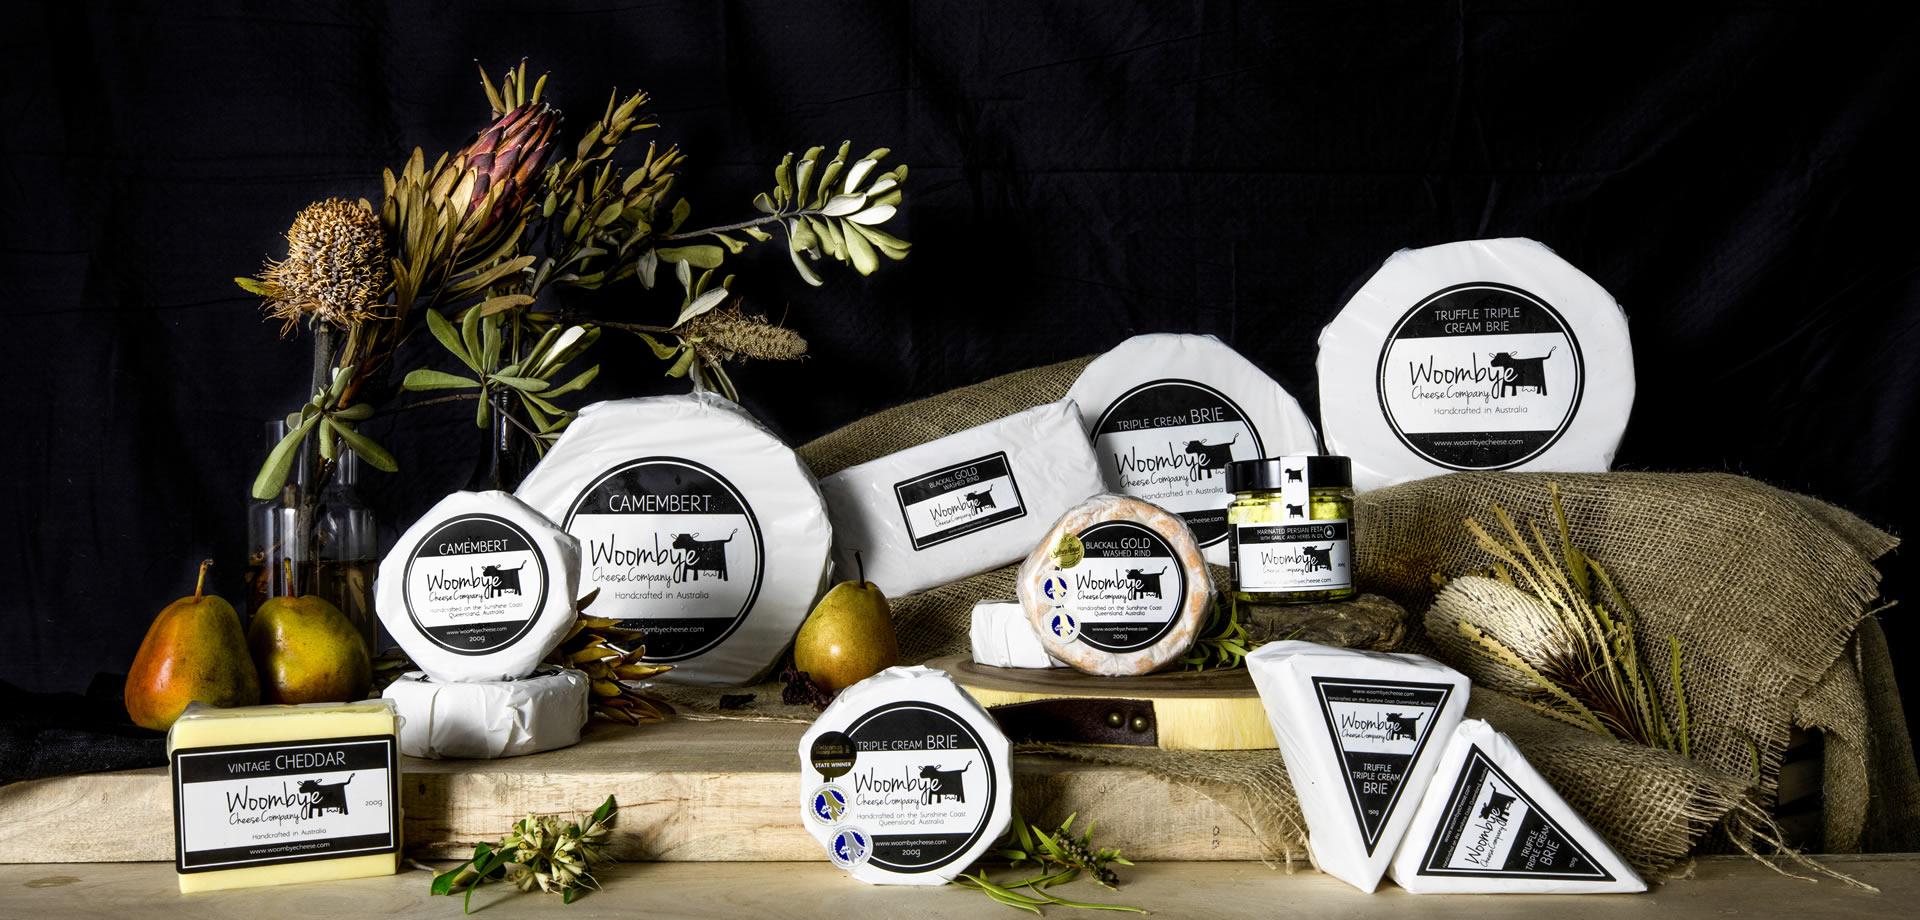 slide-award-winning-cheese-2017-22-11